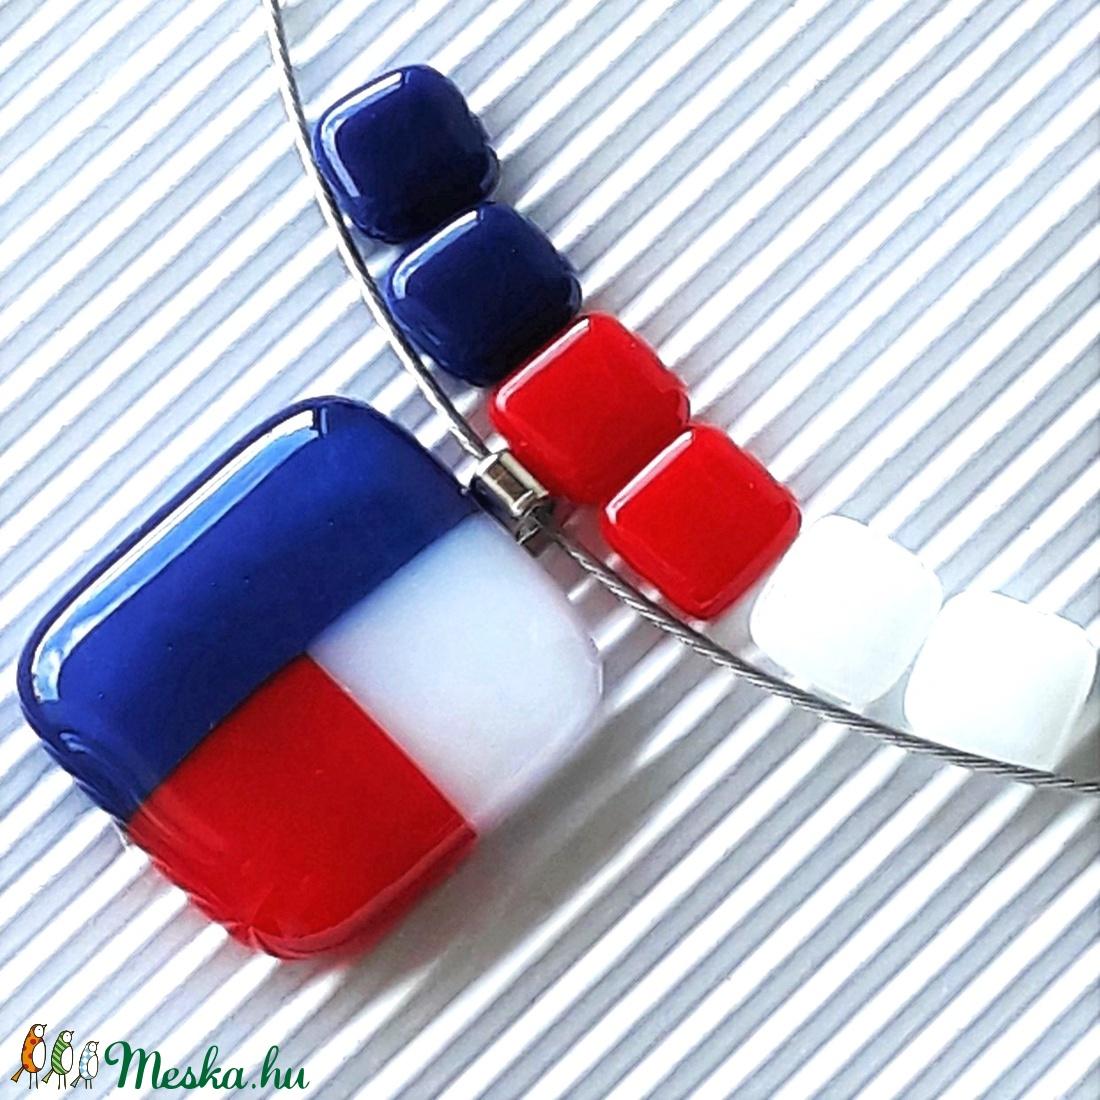 NEMESACÉL: Tengerész kék-fehér-piros mozaik üveg medál és bedugós fülbevaló, üvegékszer szett  - ékszer - ékszerszett - Meska.hu